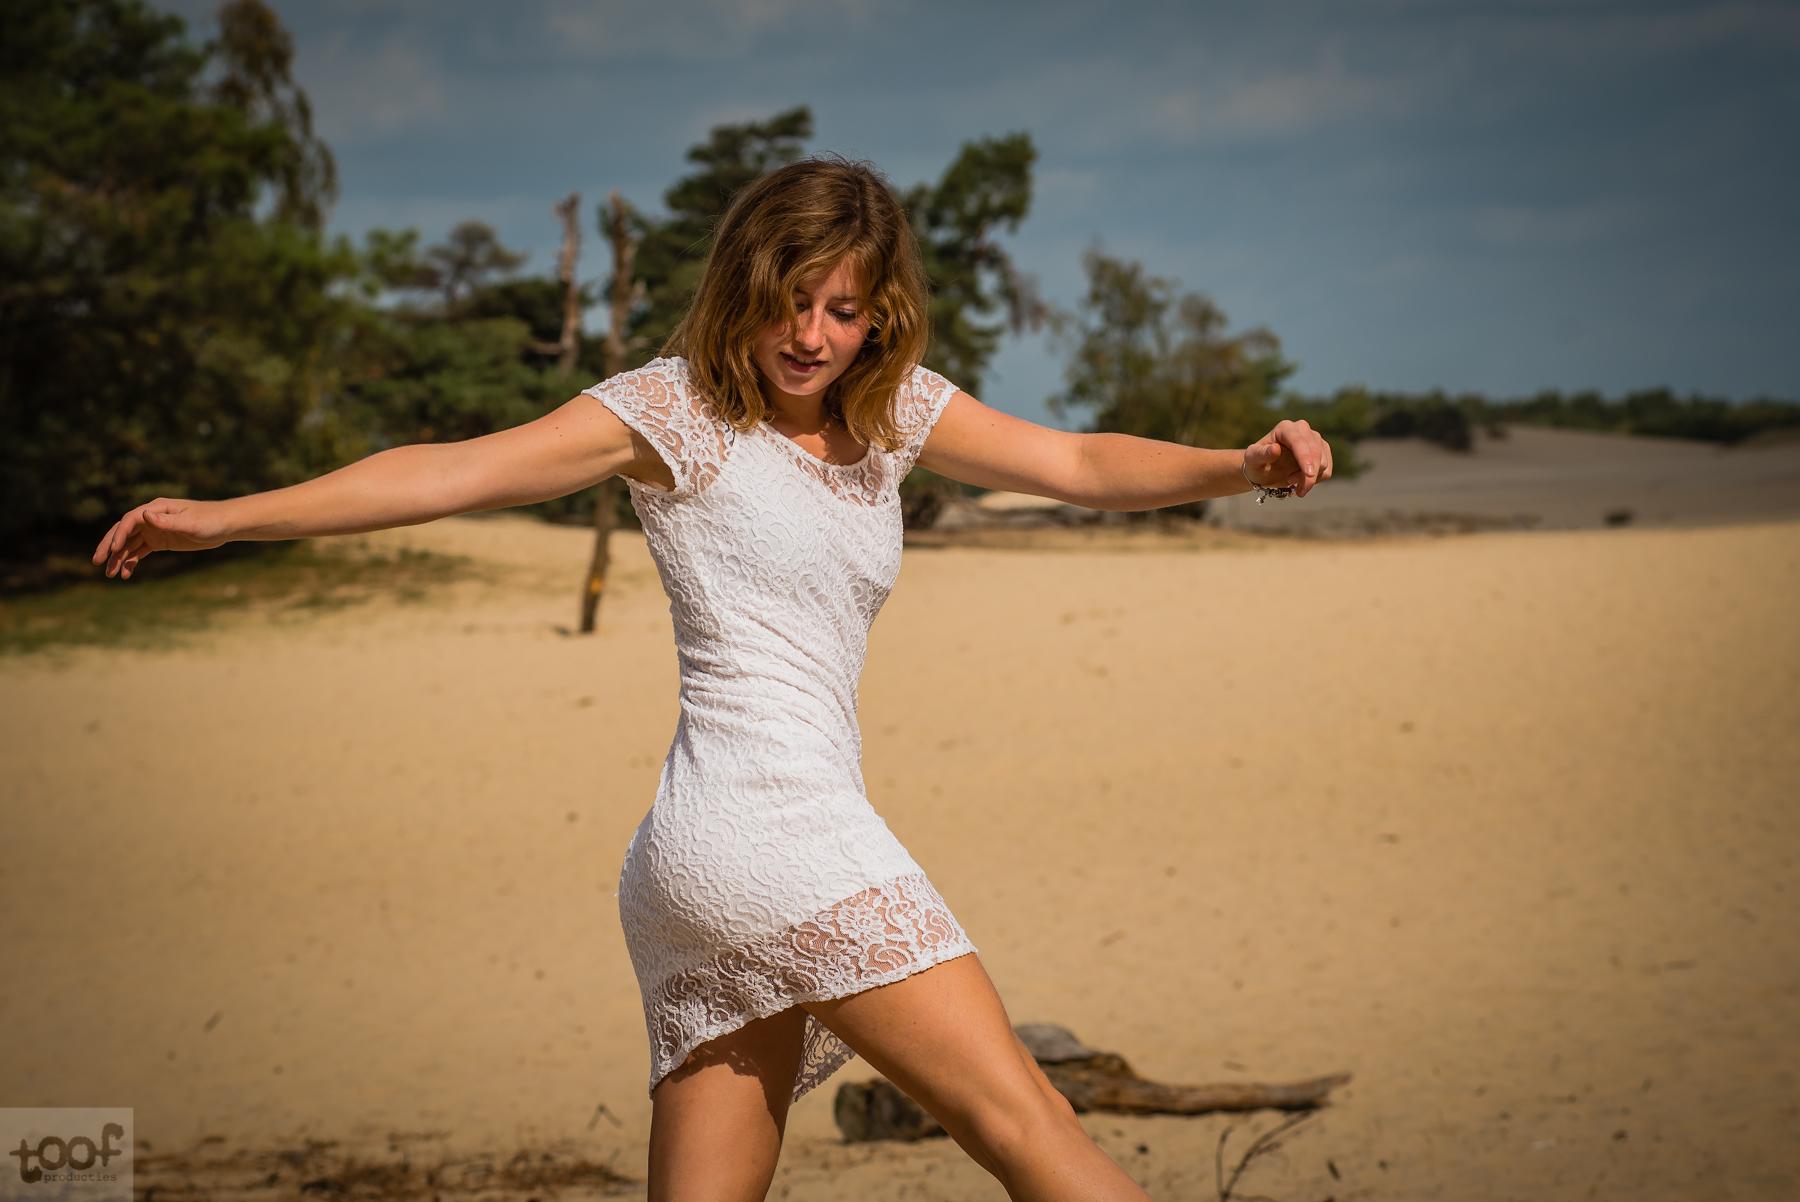 Dune dancing